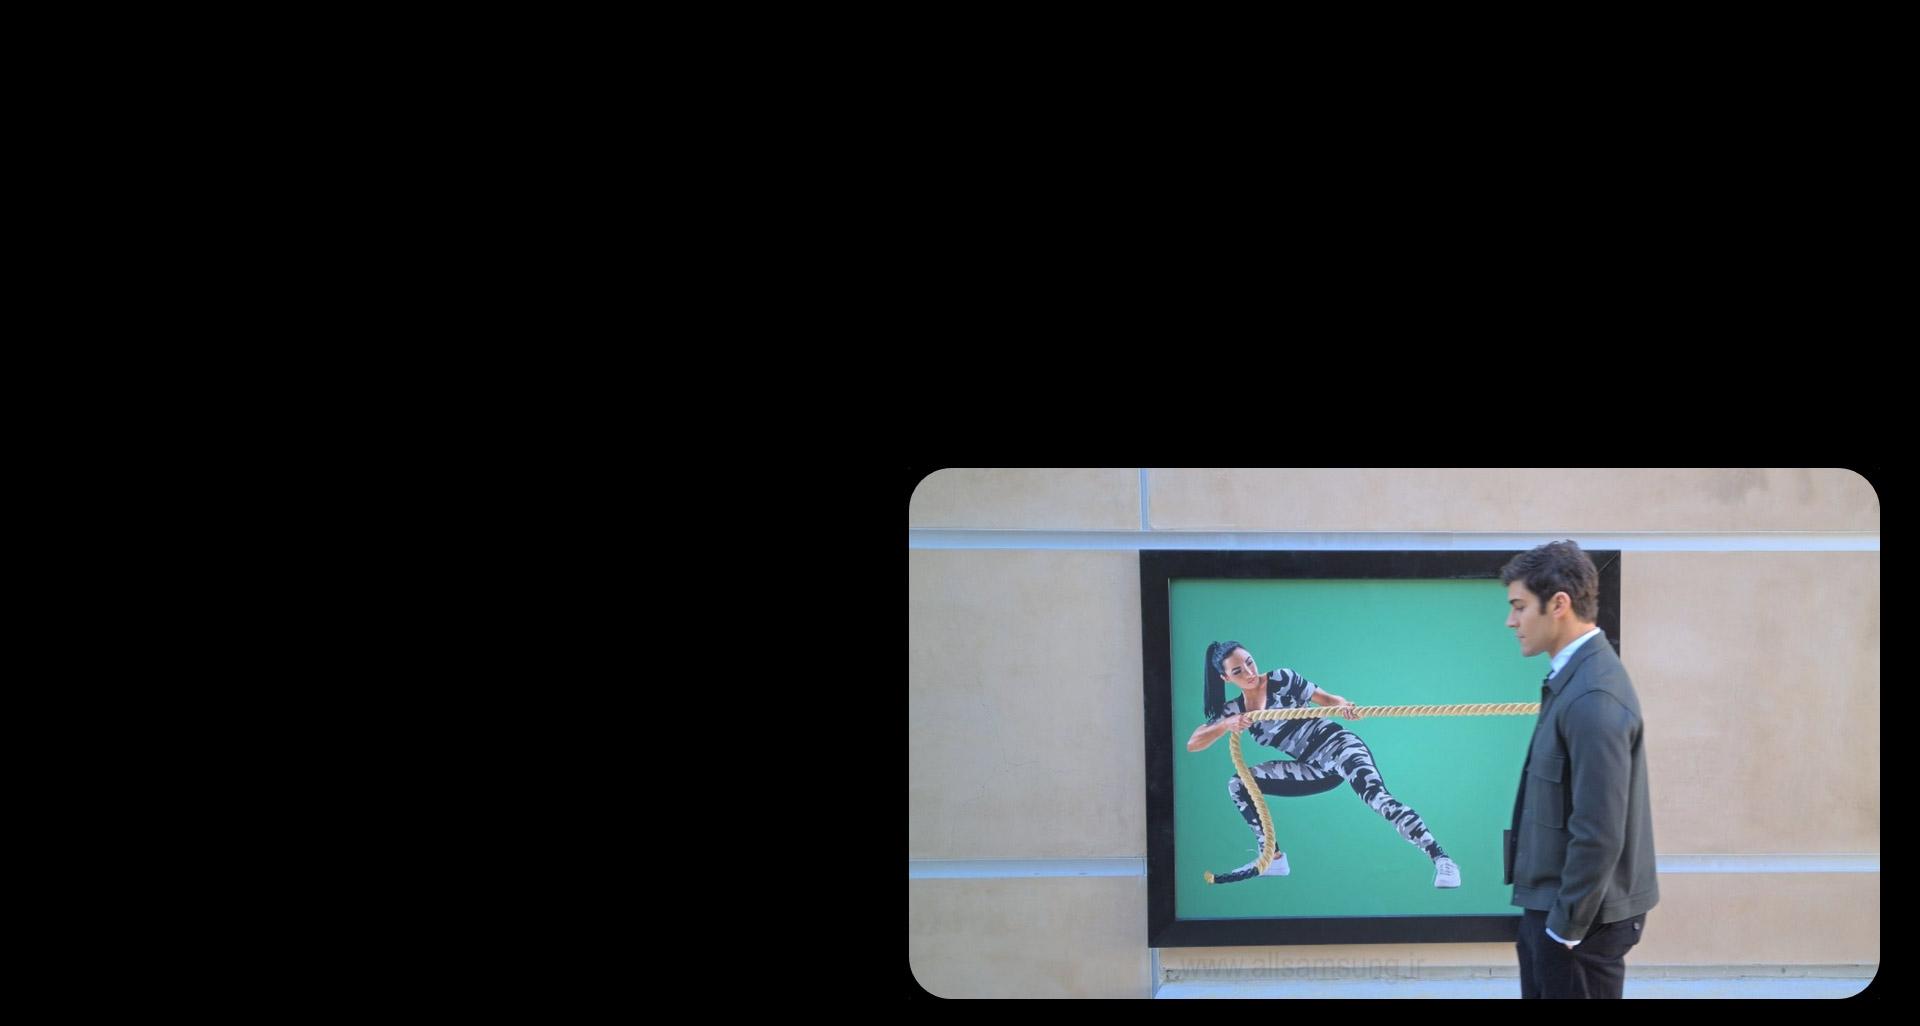 گوشی گلکسی S20 اولترا با قابلیت ضبط ویدیو با بالاترین رزولوشن